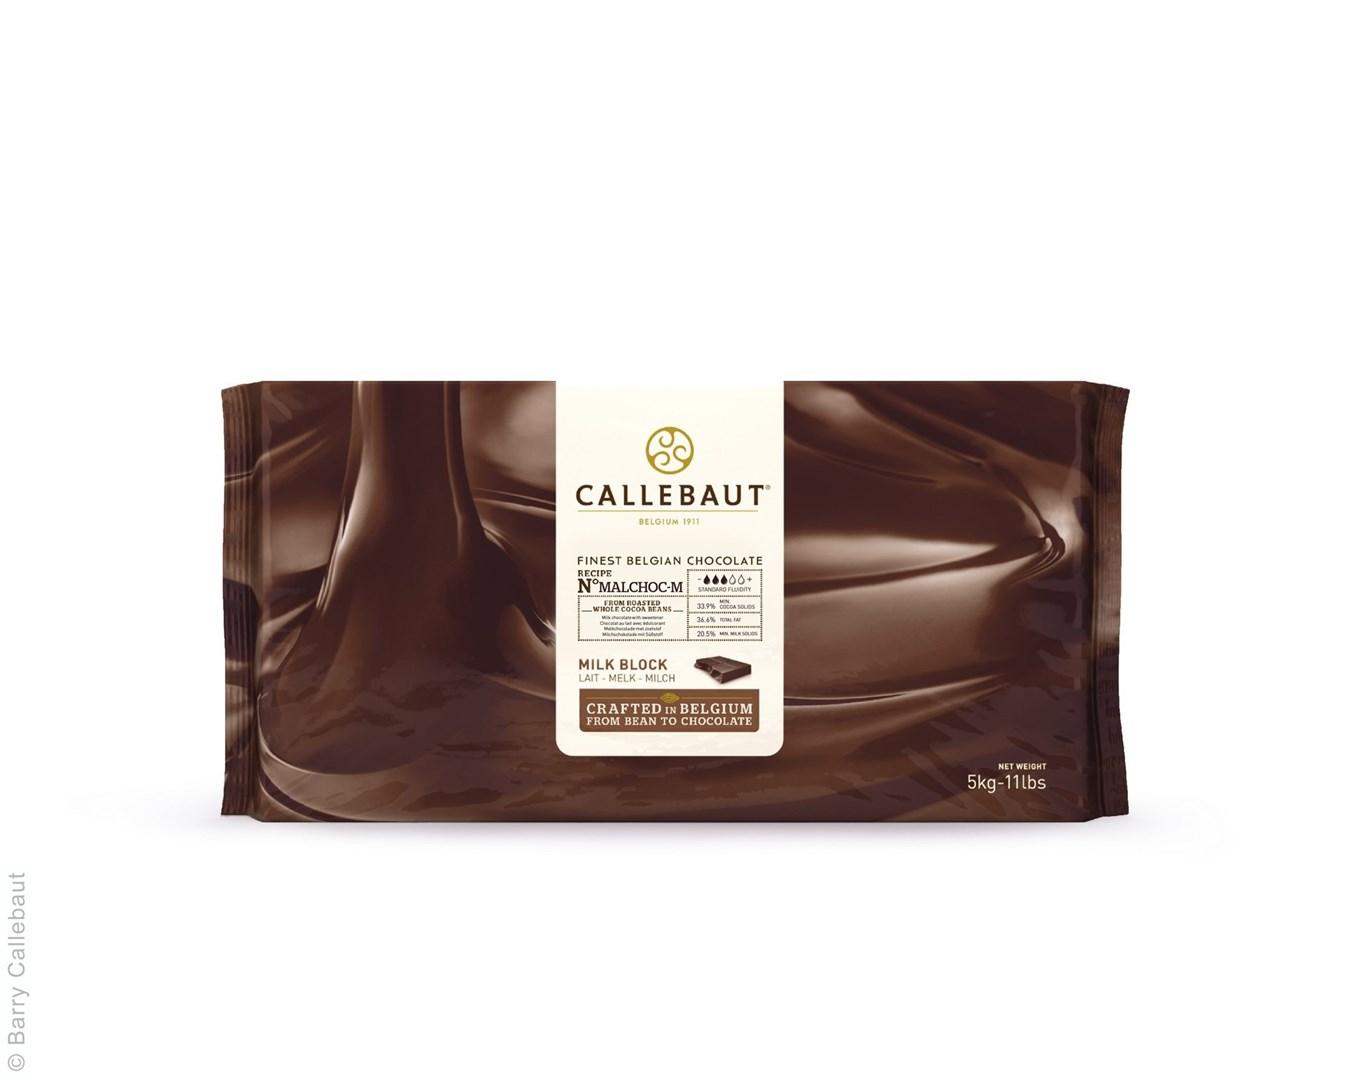 Productafbeelding Callebaut Malchoc Melkchocolade - blok 5 kg (33,9%)